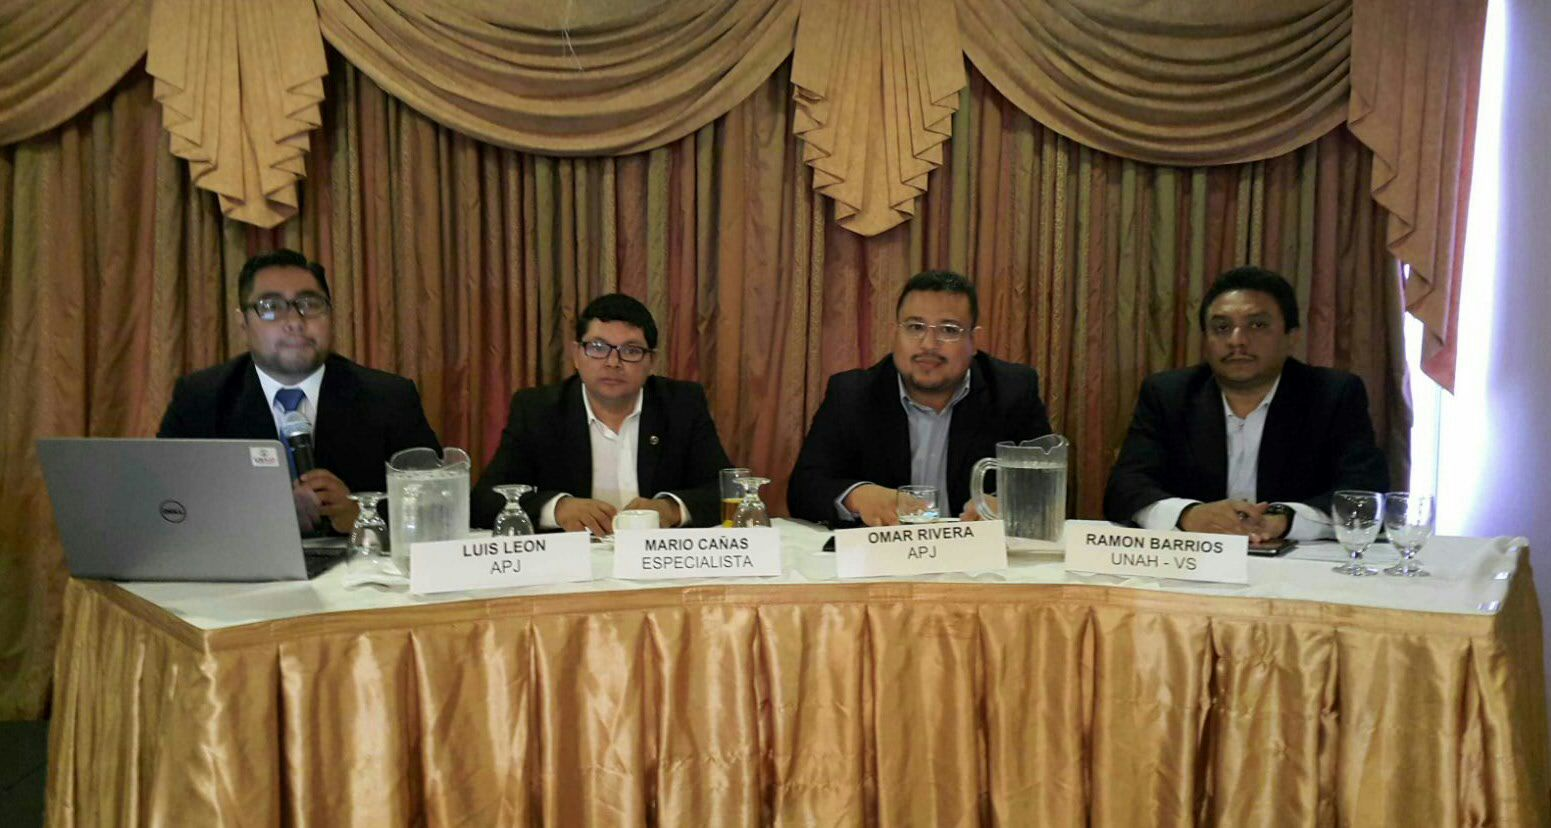 APJ: Recursos limitados y falta de independencia es gran obstáculo para vencer impunidad